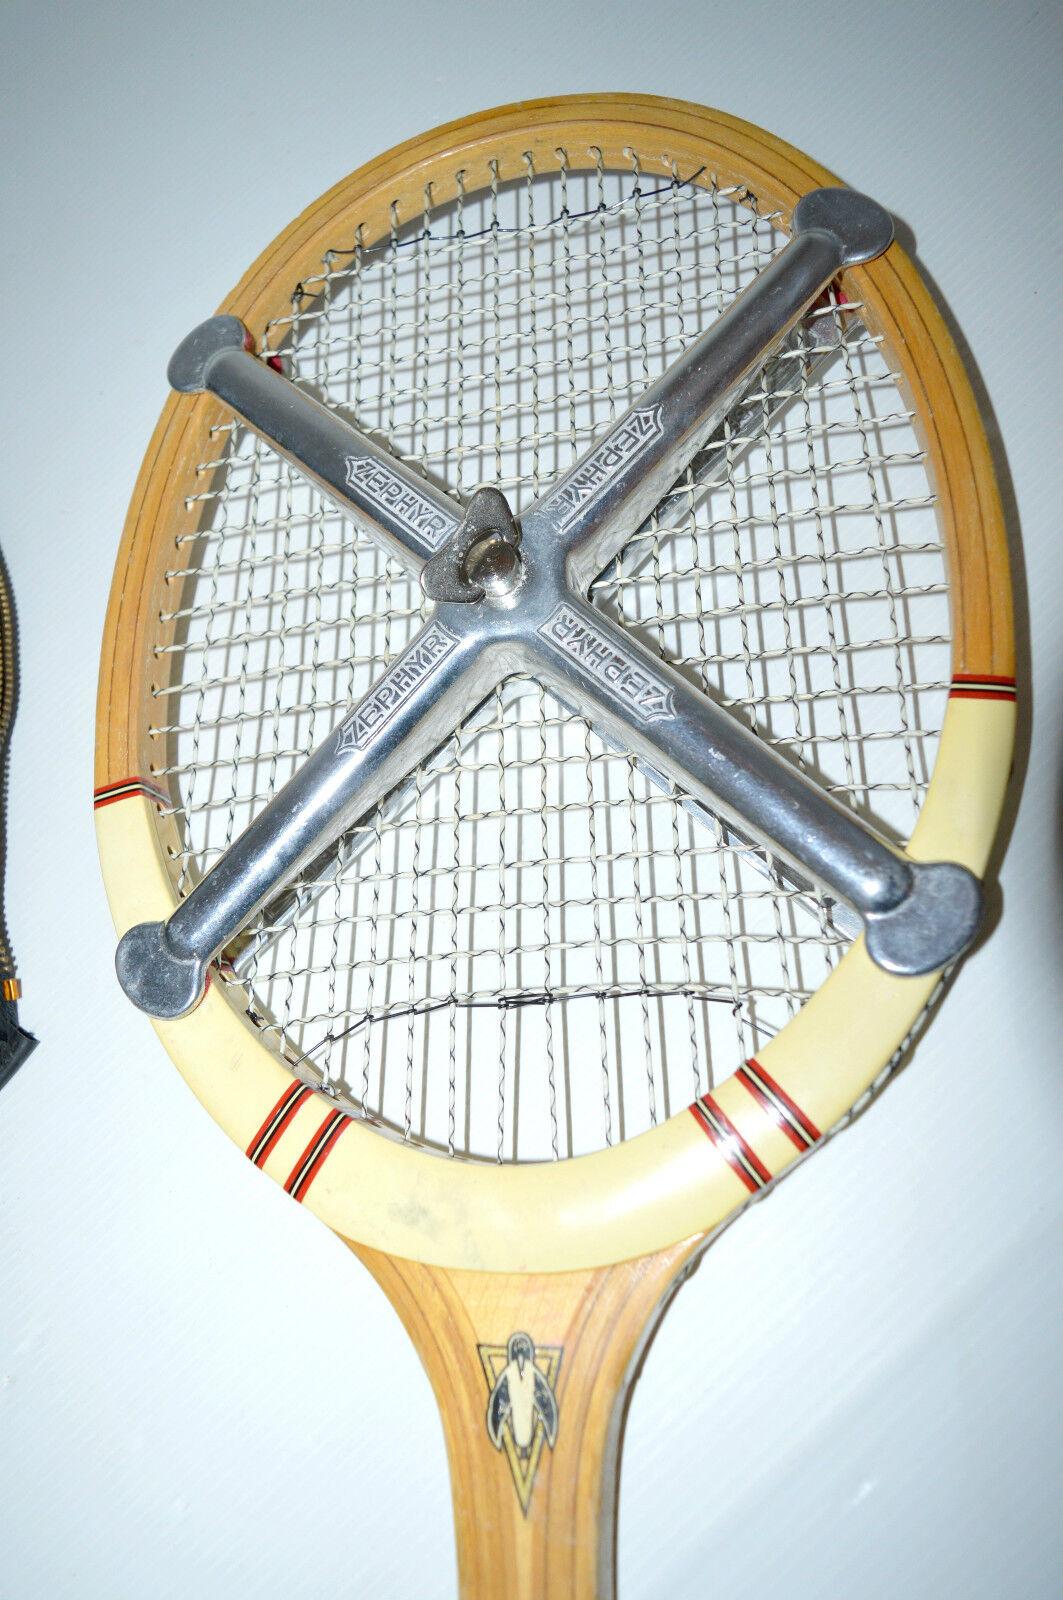 ANCIENNE RAQUETTE BOIS avec ANCIENNE PINGUIN ROYAL CLUB avec BOIS Housse et 4 Balles sport a7a0e6